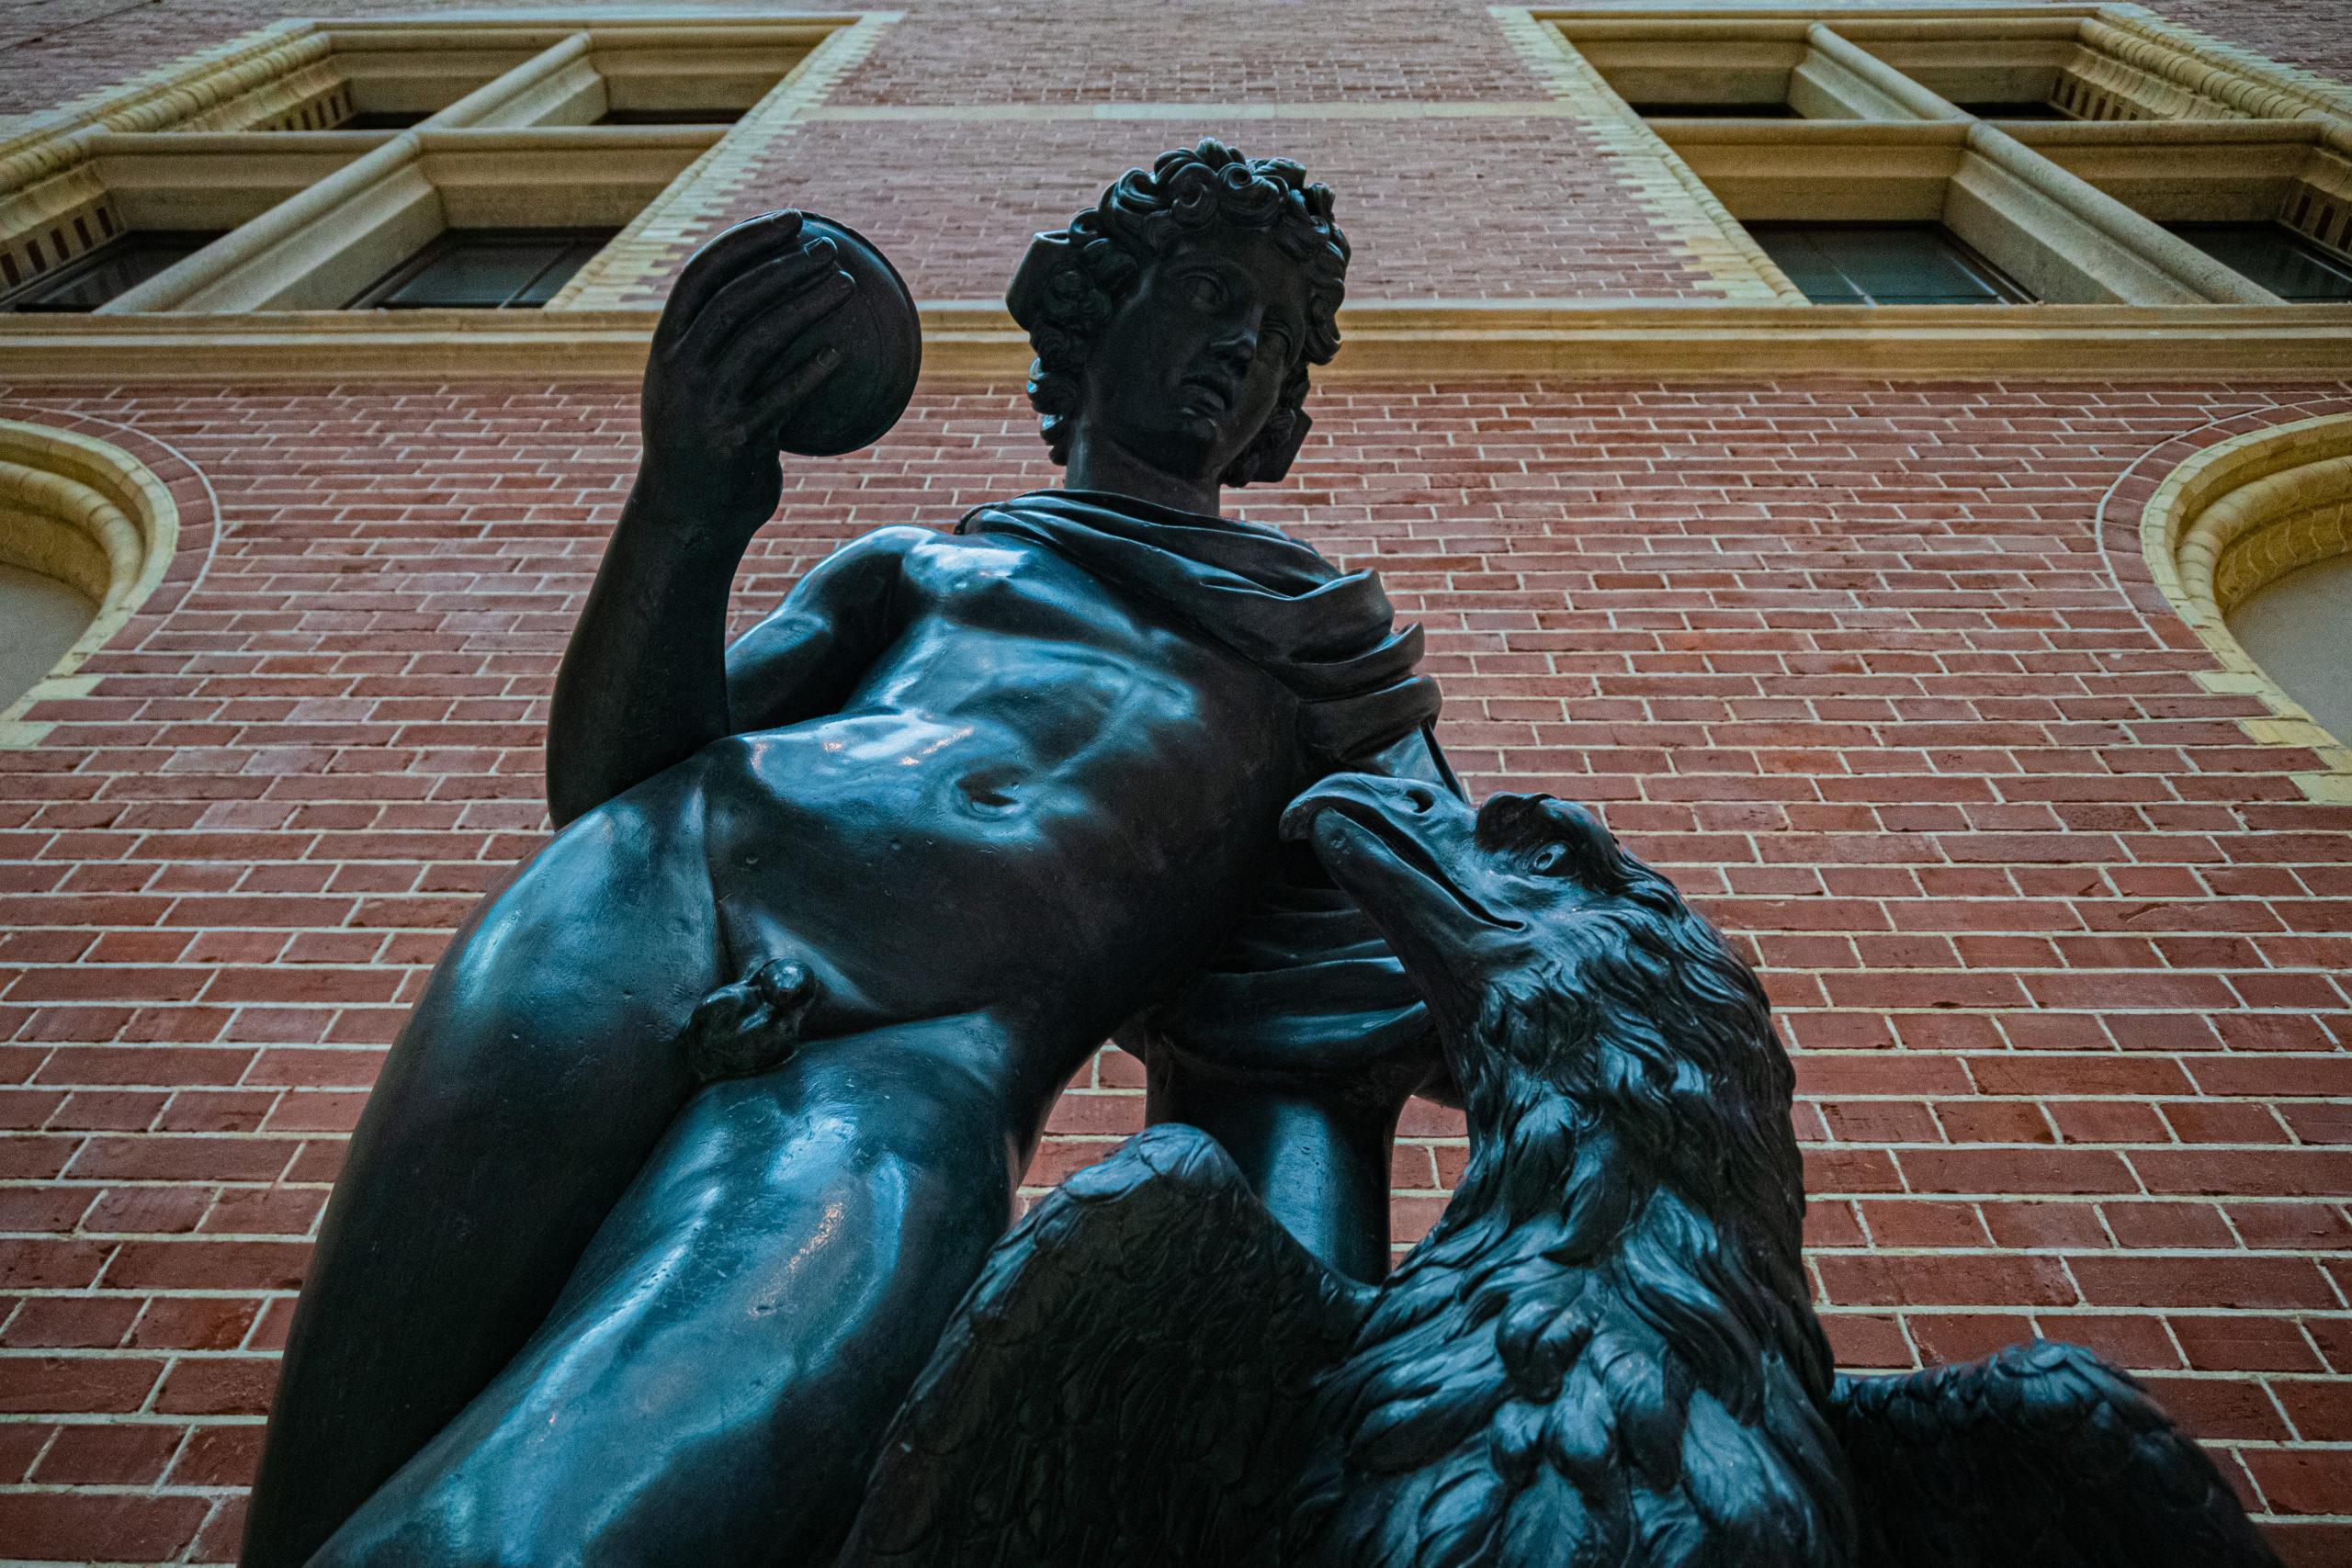 Statue en bronze d'un homme et d'un aigle issue du hall du Rijskmuseum